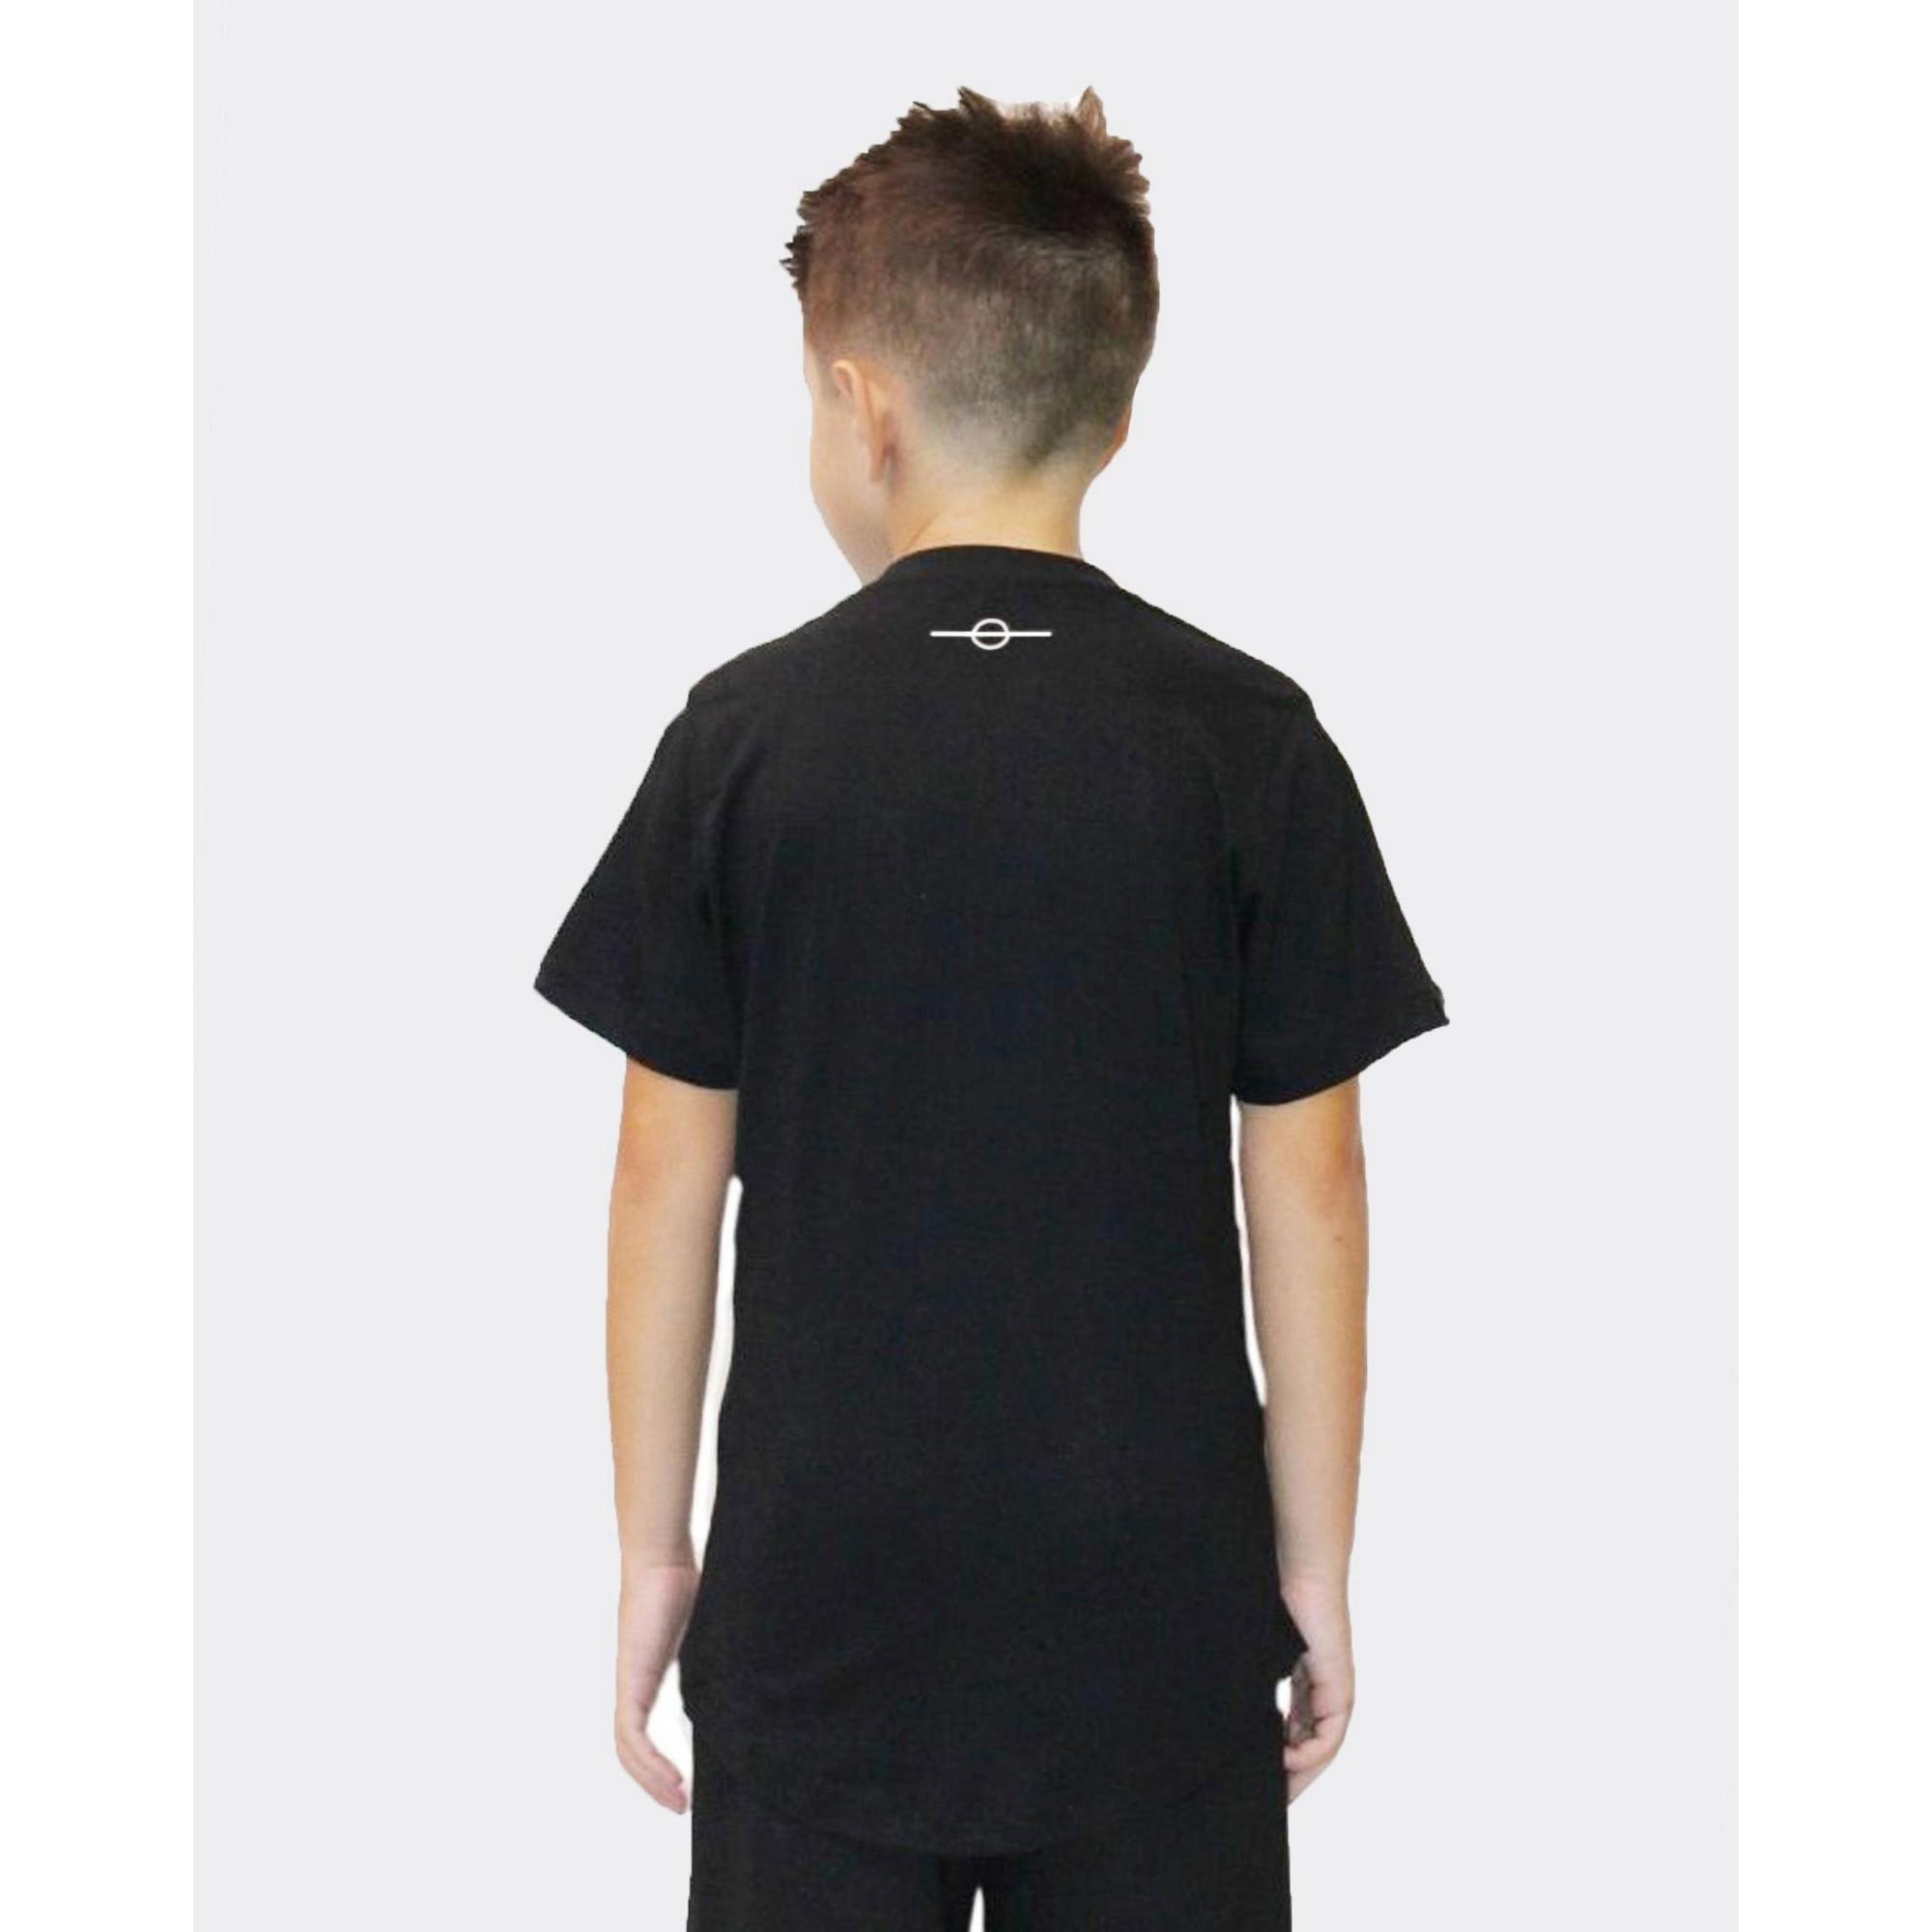 Camiseta Buh Kids Candy Square Black & Rose